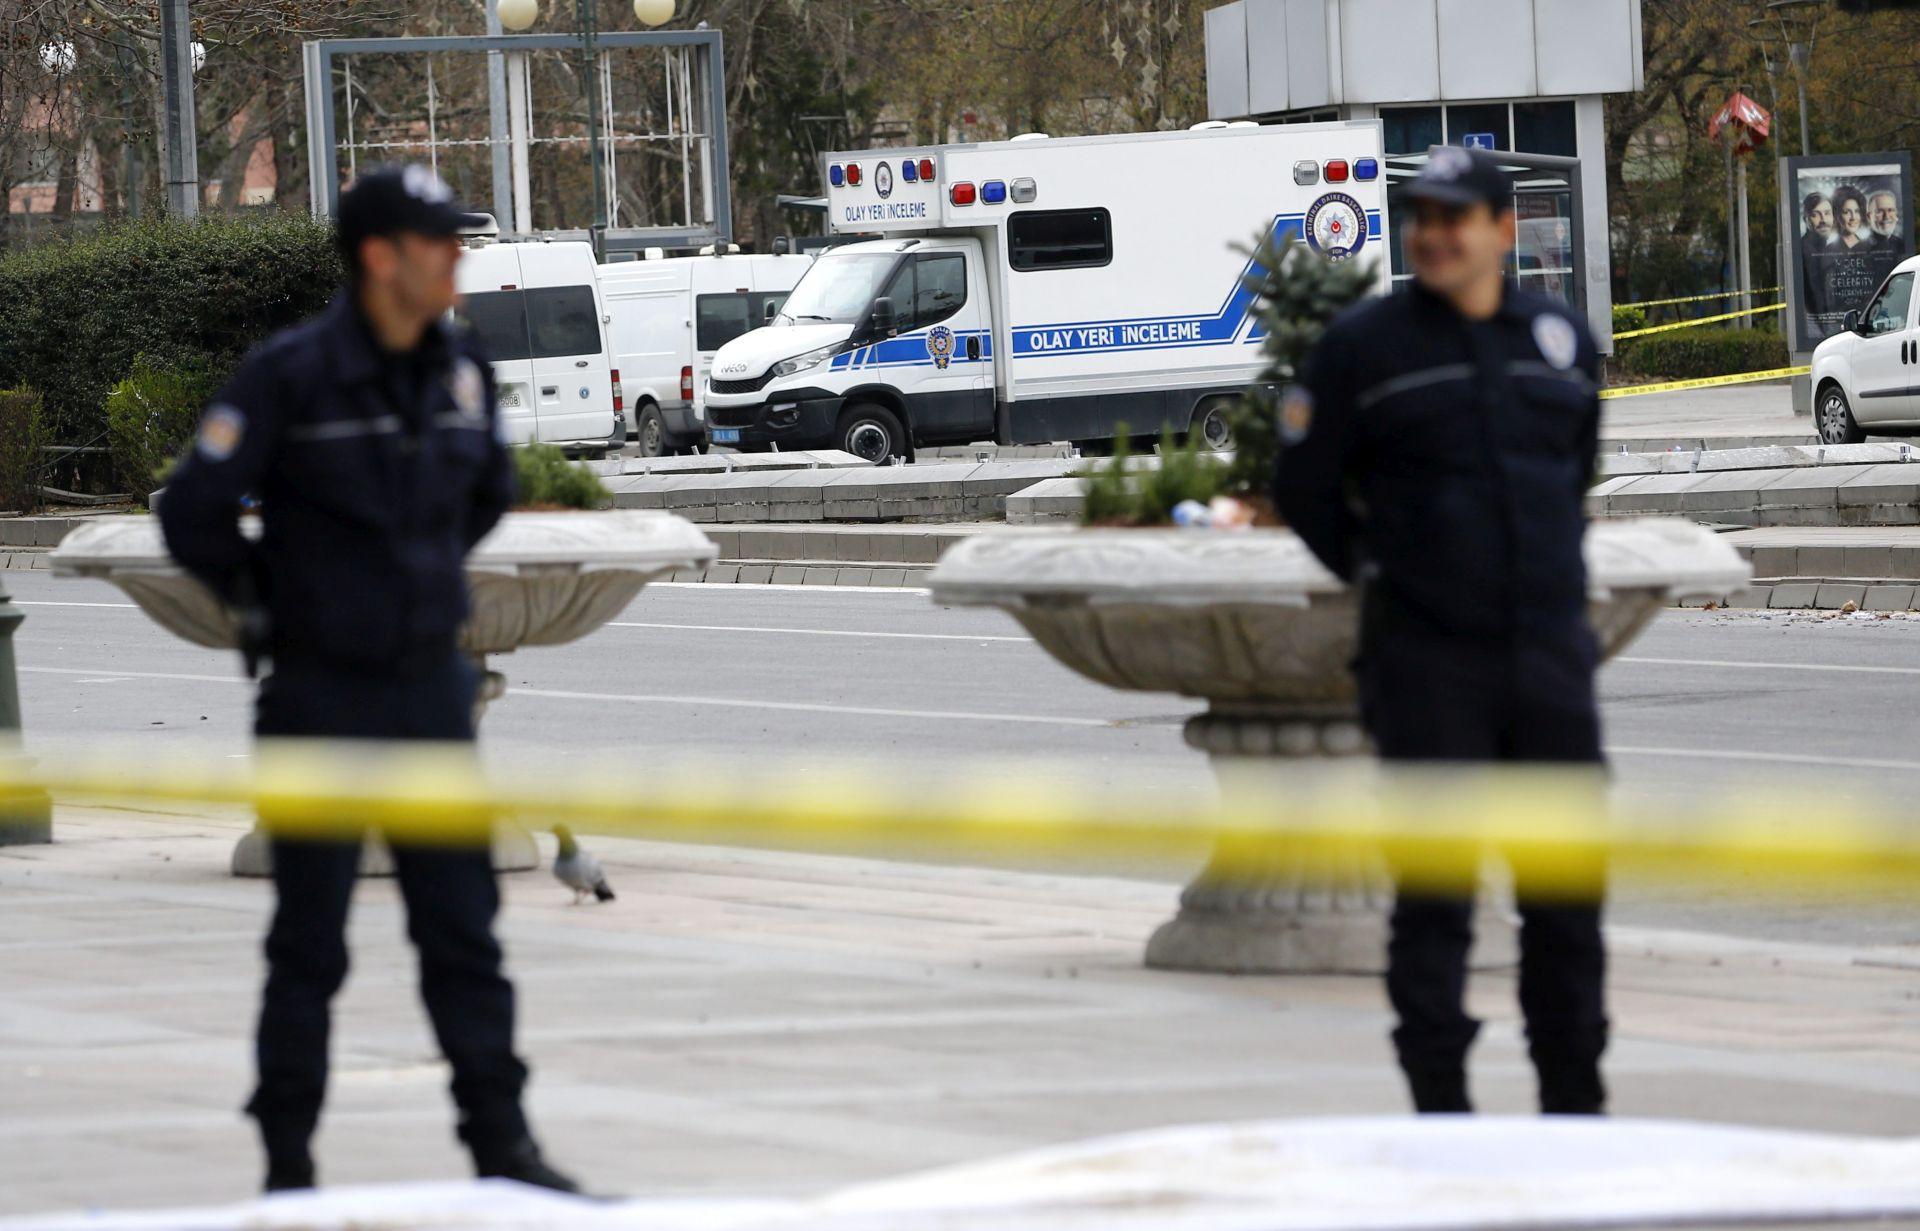 RIZIK OD NAPADA: Njemačka zatvorila predstavništva u Turskoj